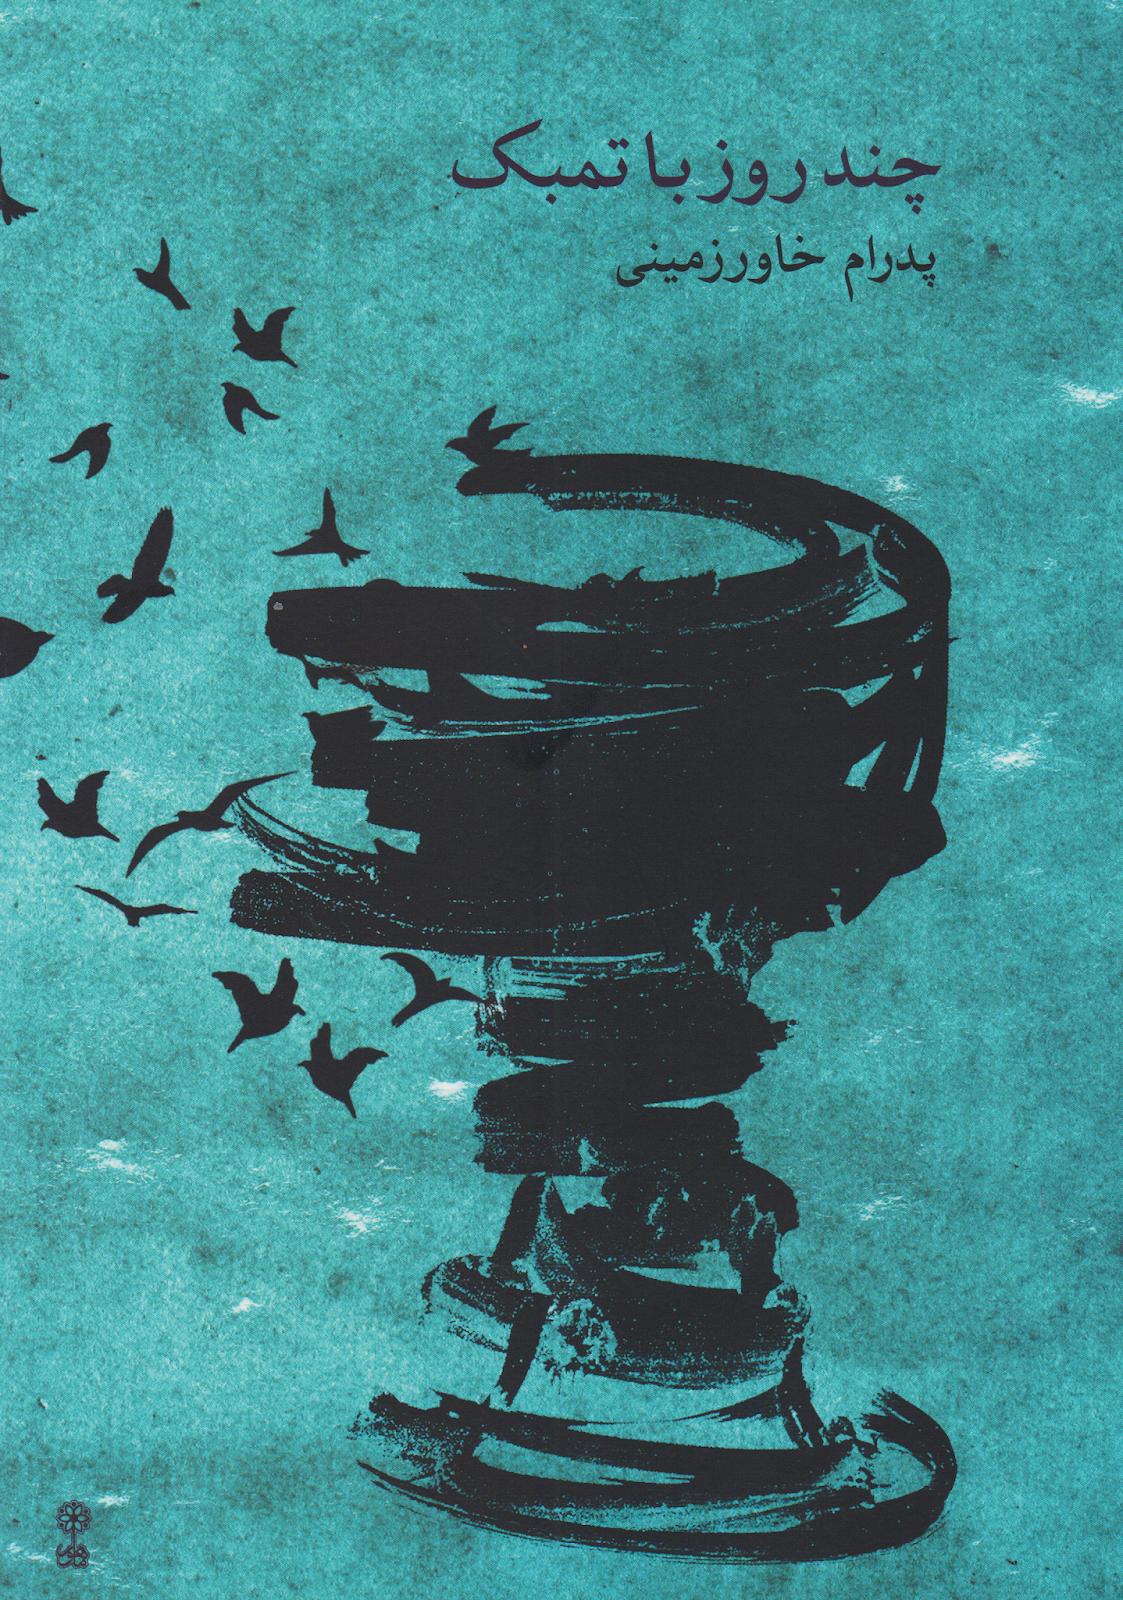 کتاب چند روز با تمبک پدرام خاورزمینی انتشارات ماهور